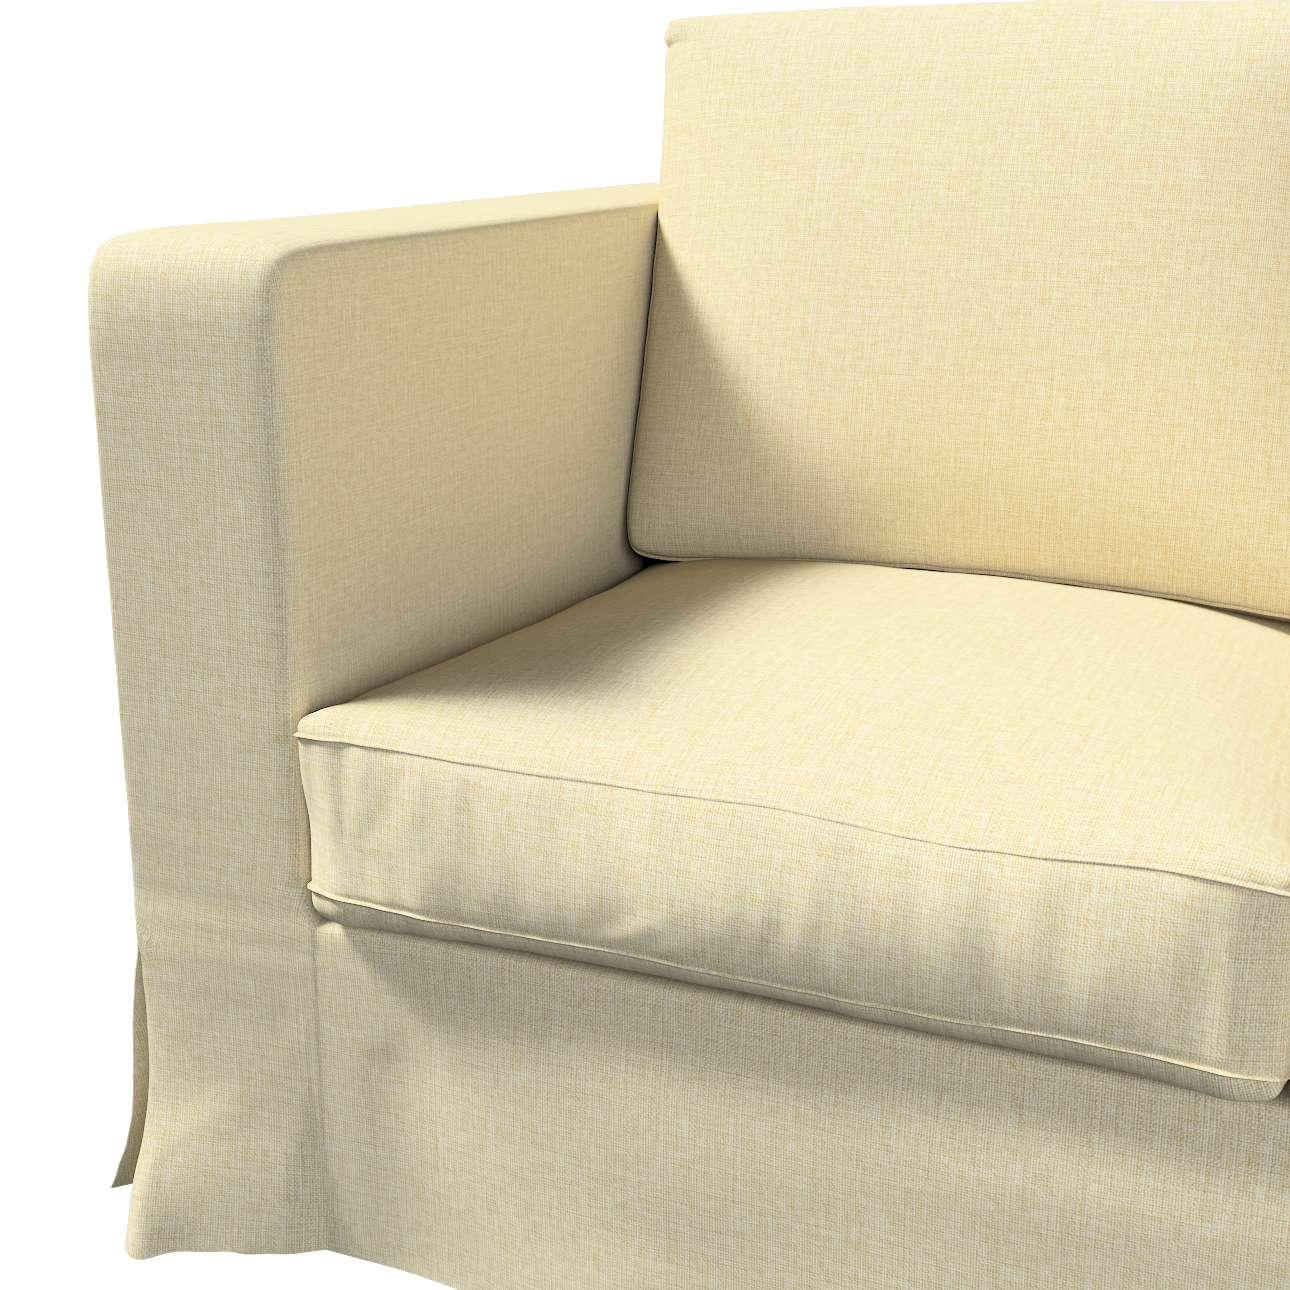 Bezug für Karlanda 3-Sitzer Sofa nicht ausklappbar, lang von der Kollektion Living, Stoff: 161-45